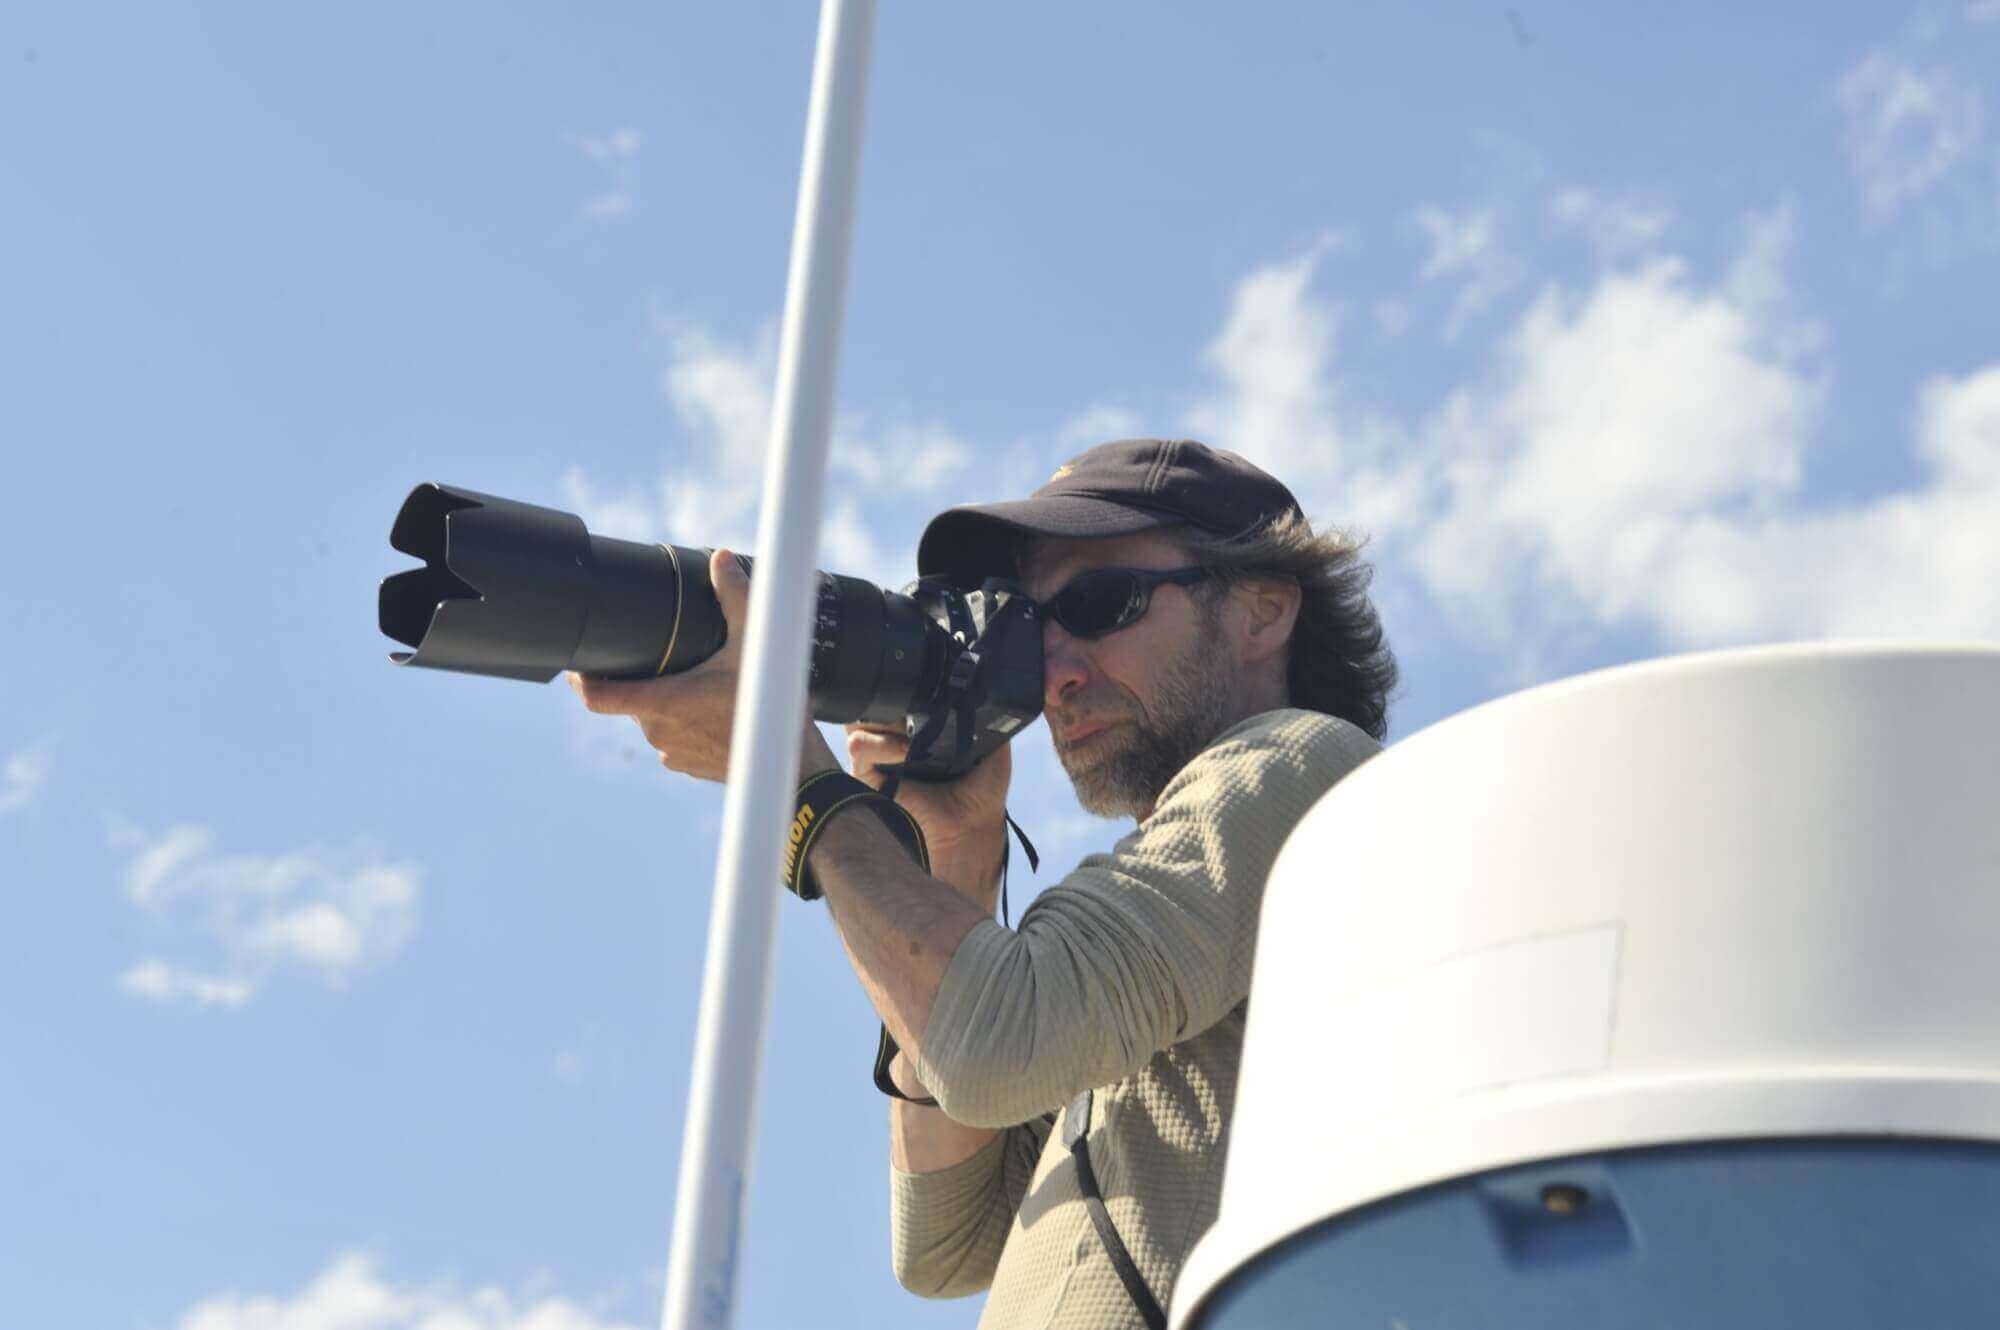 Le technicien prenant une photo.